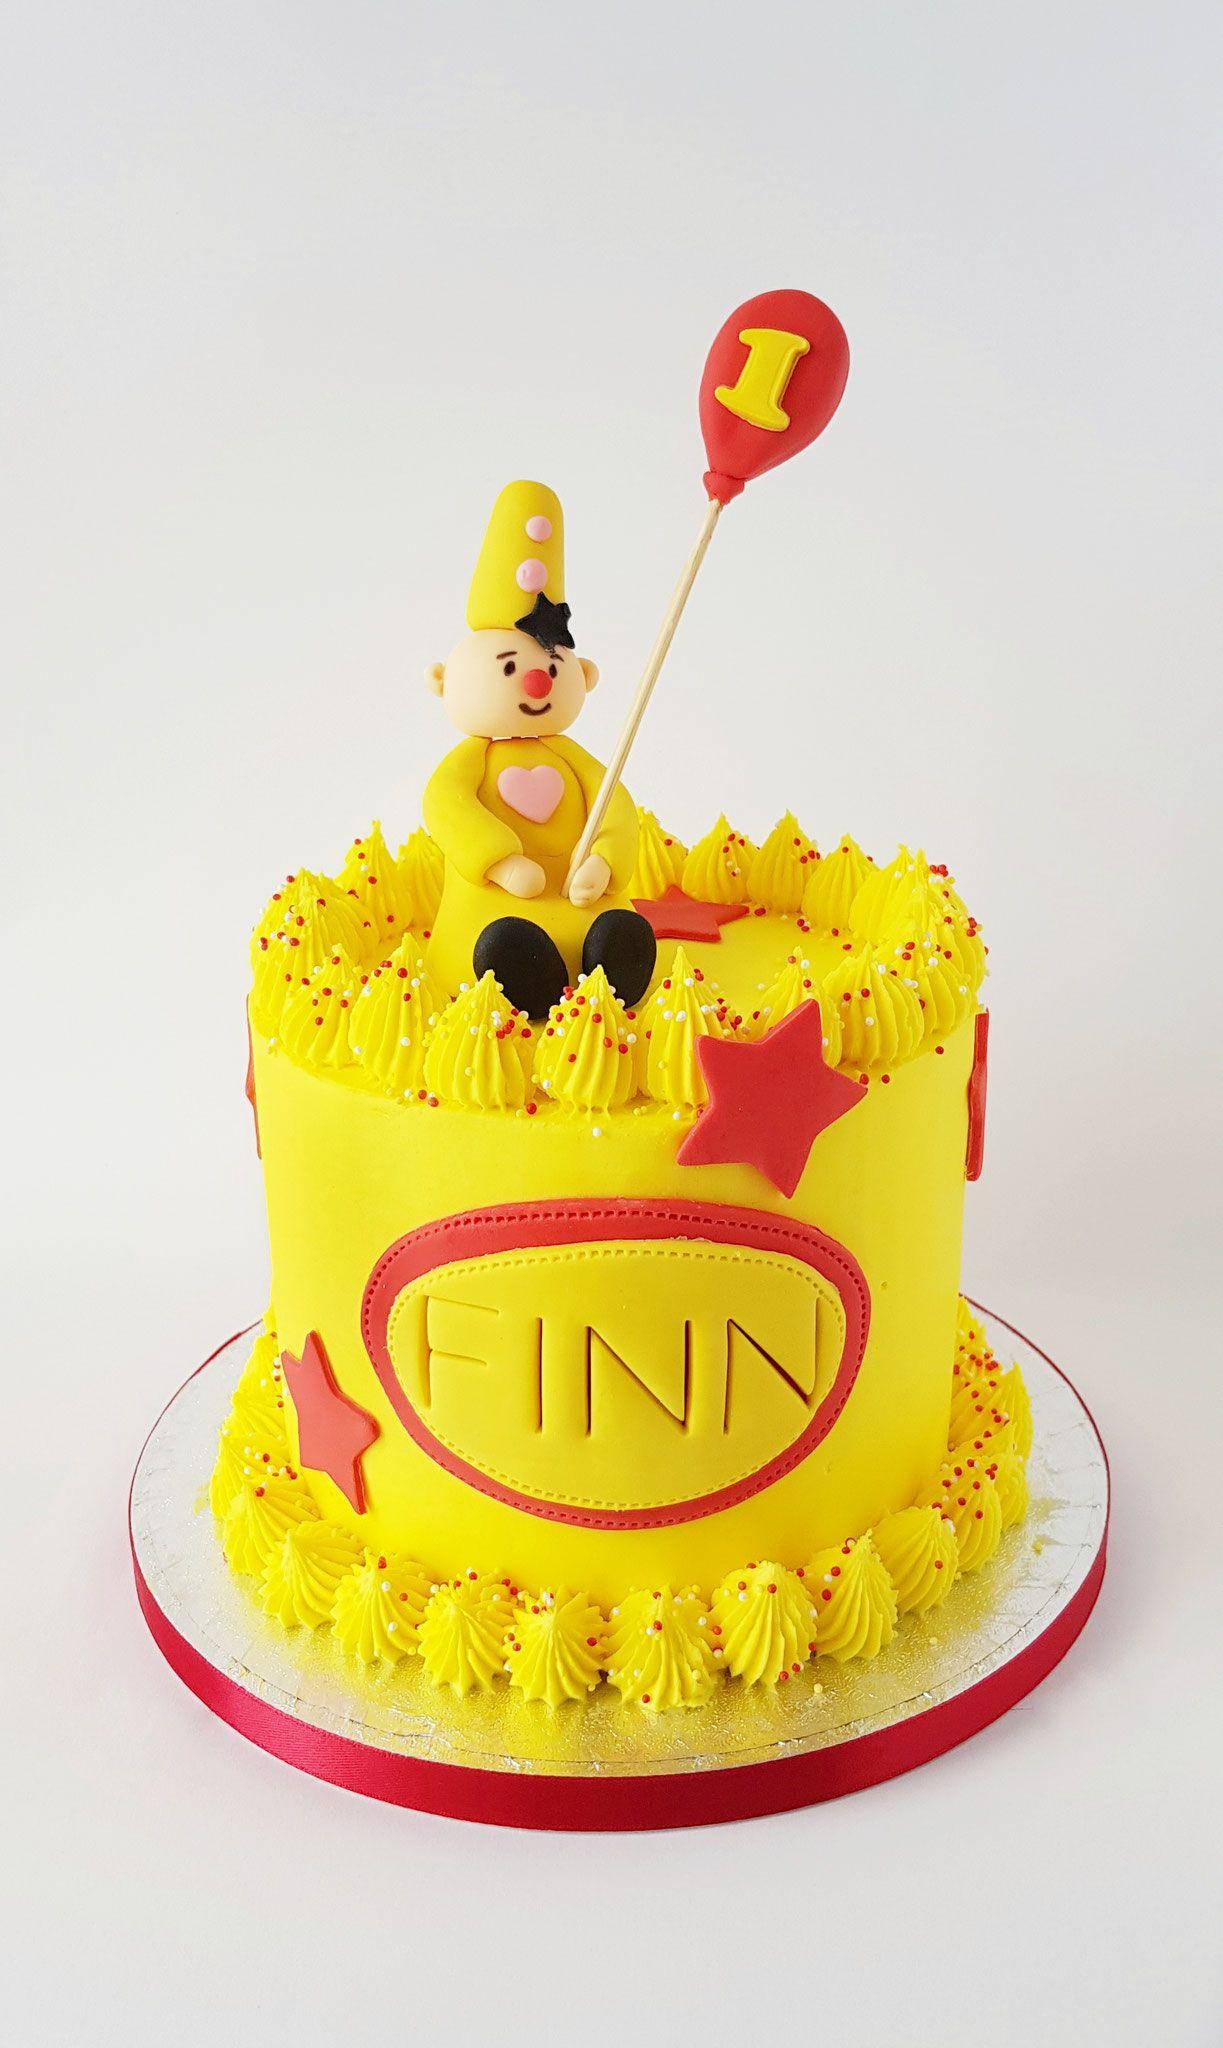 taart den bosch Bumba taart, Finn, taart Den Bosch | Inge's Cup&cakeFactory Cake  taart den bosch